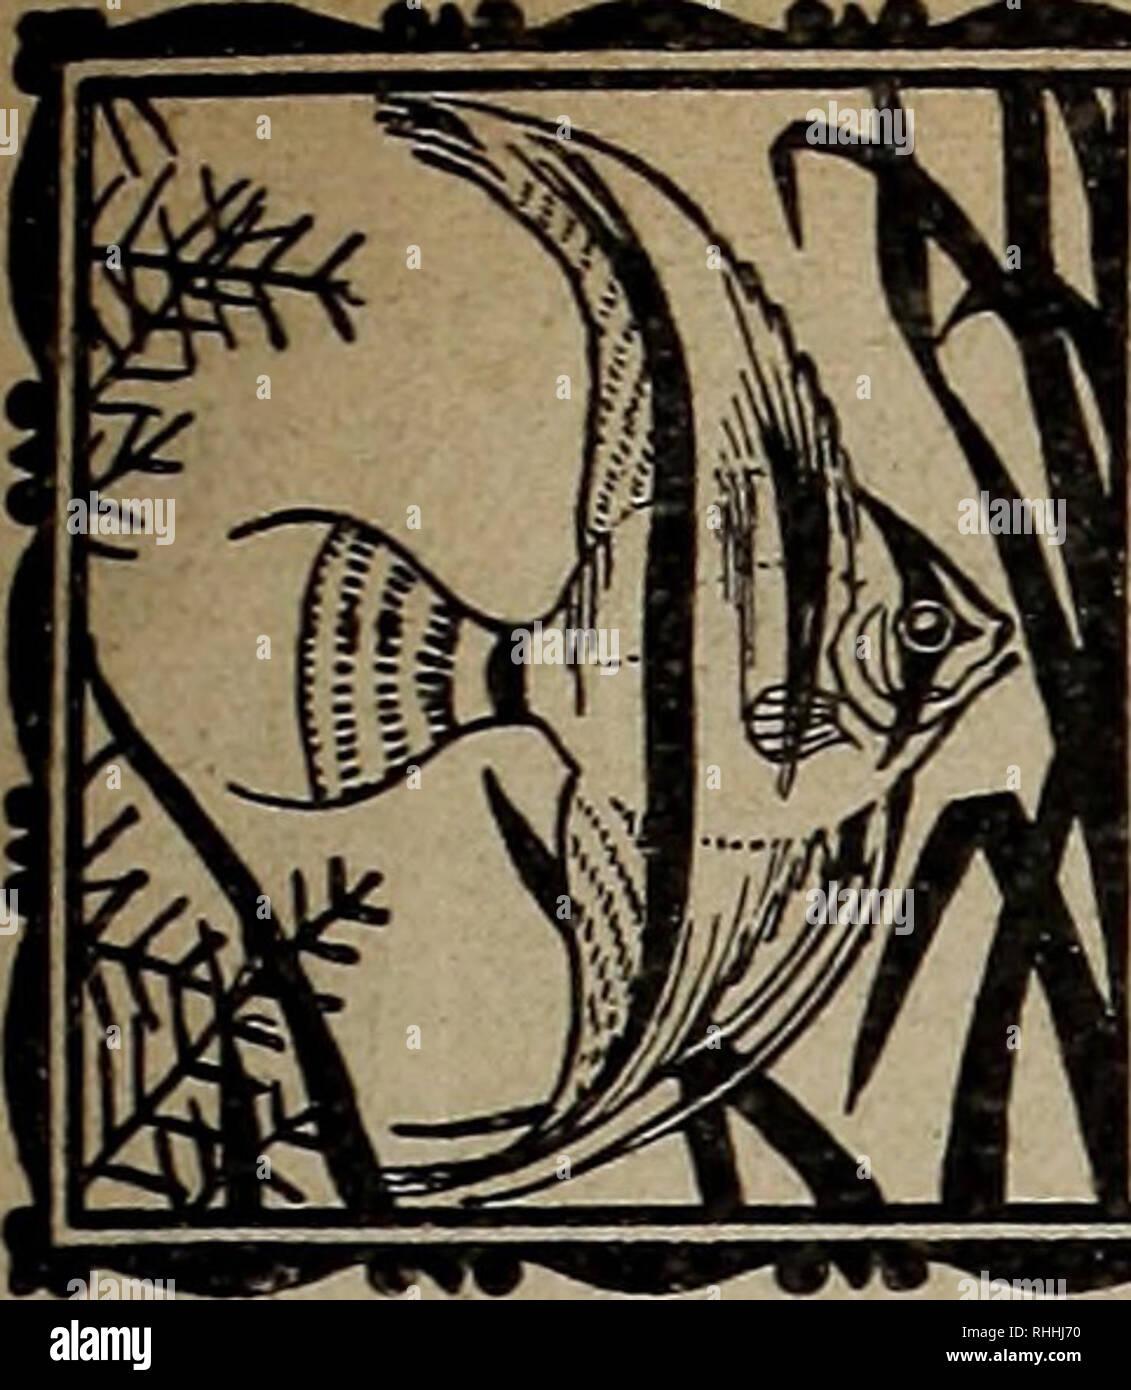 """. Blätter für Aquarien- und Terrarien-Kunde. attLt. .***. ≫ • ** •*"""""""". S/fixe^ Iquexmötv - xjlvxö. Bitte beachten Sie, dass diese Bilder sind von der gescannten Seite Bilder, die digital für die Lesbarkeit verbessert haben mögen - Färbung und Aussehen dieser Abbildungen können nicht perfekt dem Original ähneln. extrahiert. Stuttgart Stockfoto"""